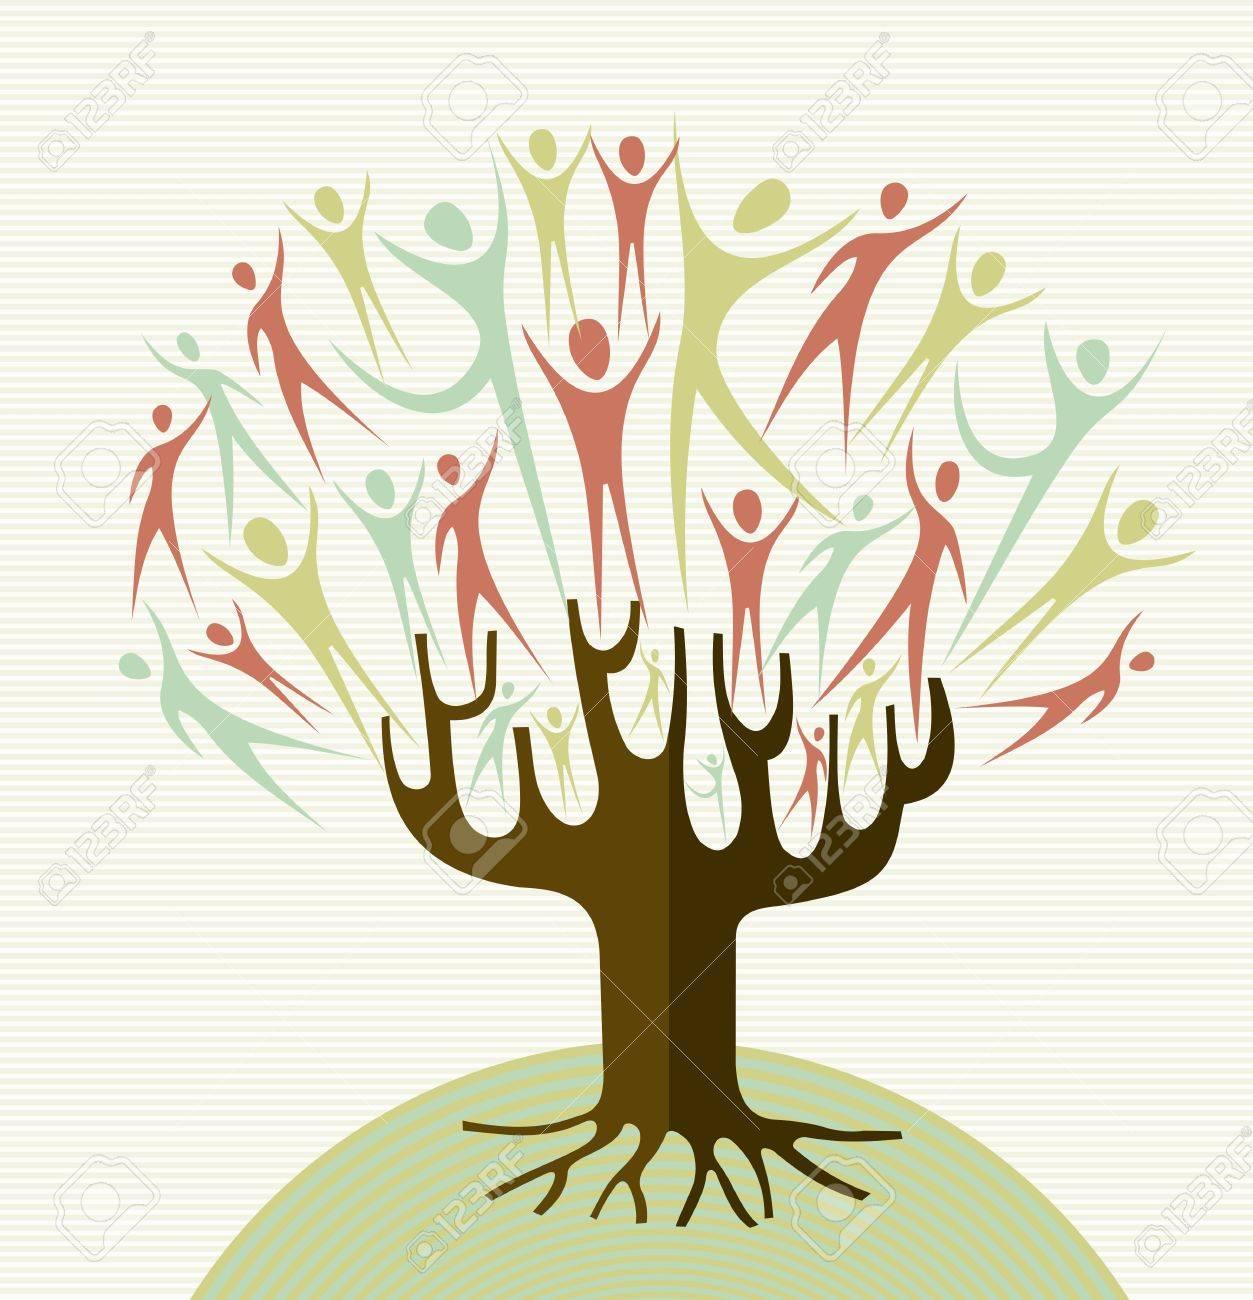 Familia Formas Humanas árbol Conceptual. Archivo De Capas Para La ...